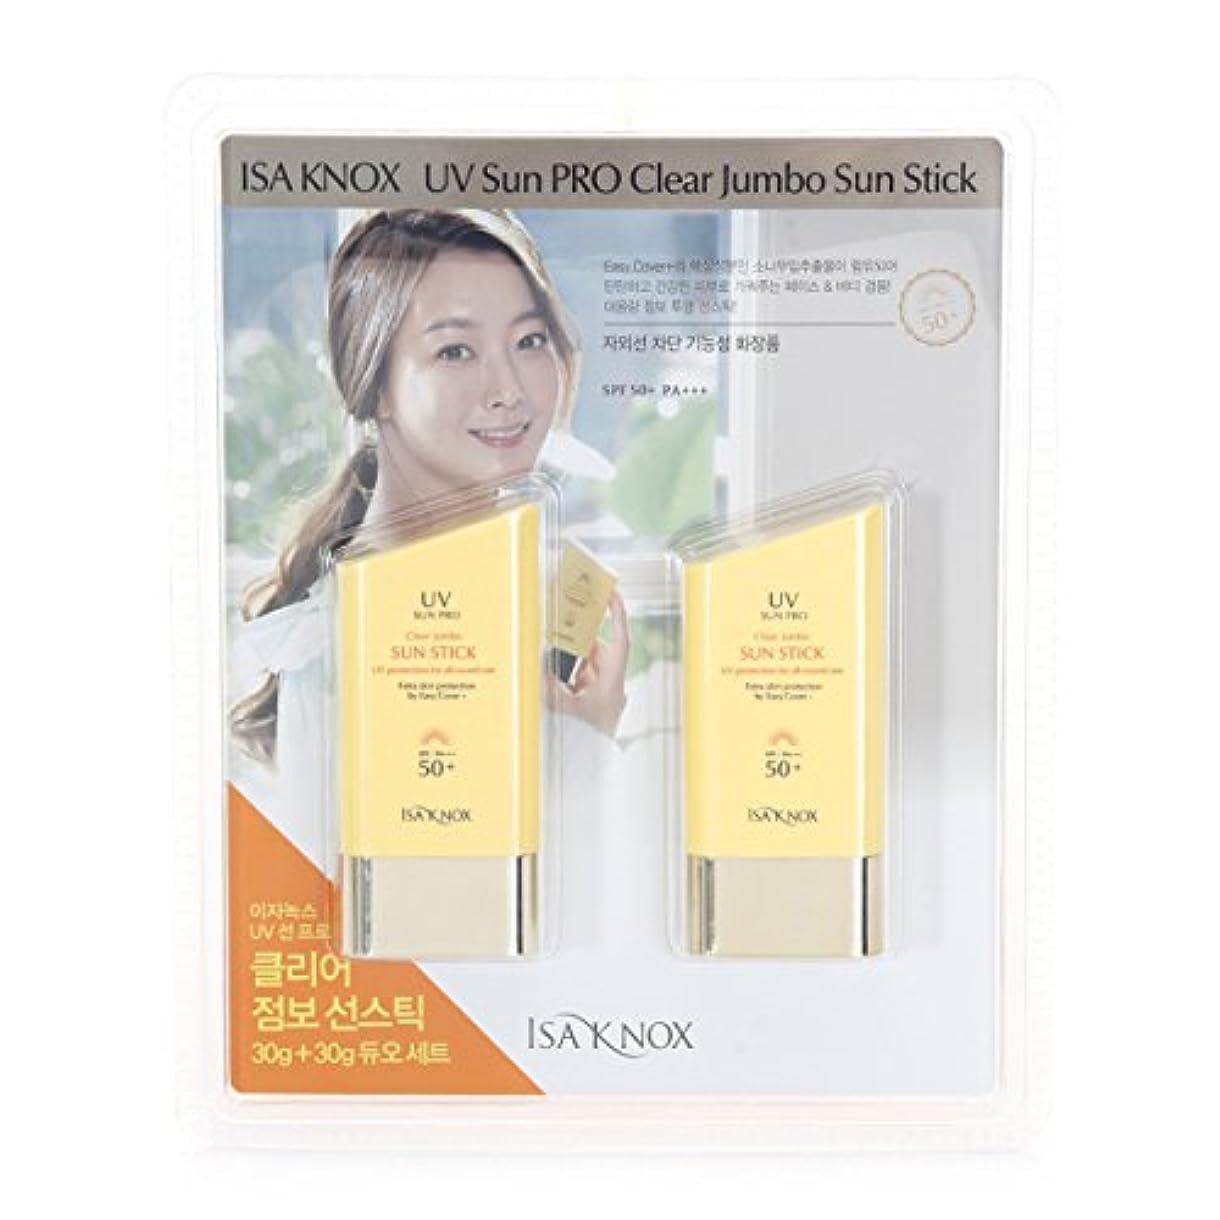 ありふれた高齢者古くなった[イザノックス / ISA KNOX] UVサンプロクリアジャンボサンスティック 30g×2個セット / ISA KNOX Sun Pro Clear Jumbo Sun Stick / SPF50+ PA++ / クリアスティック...